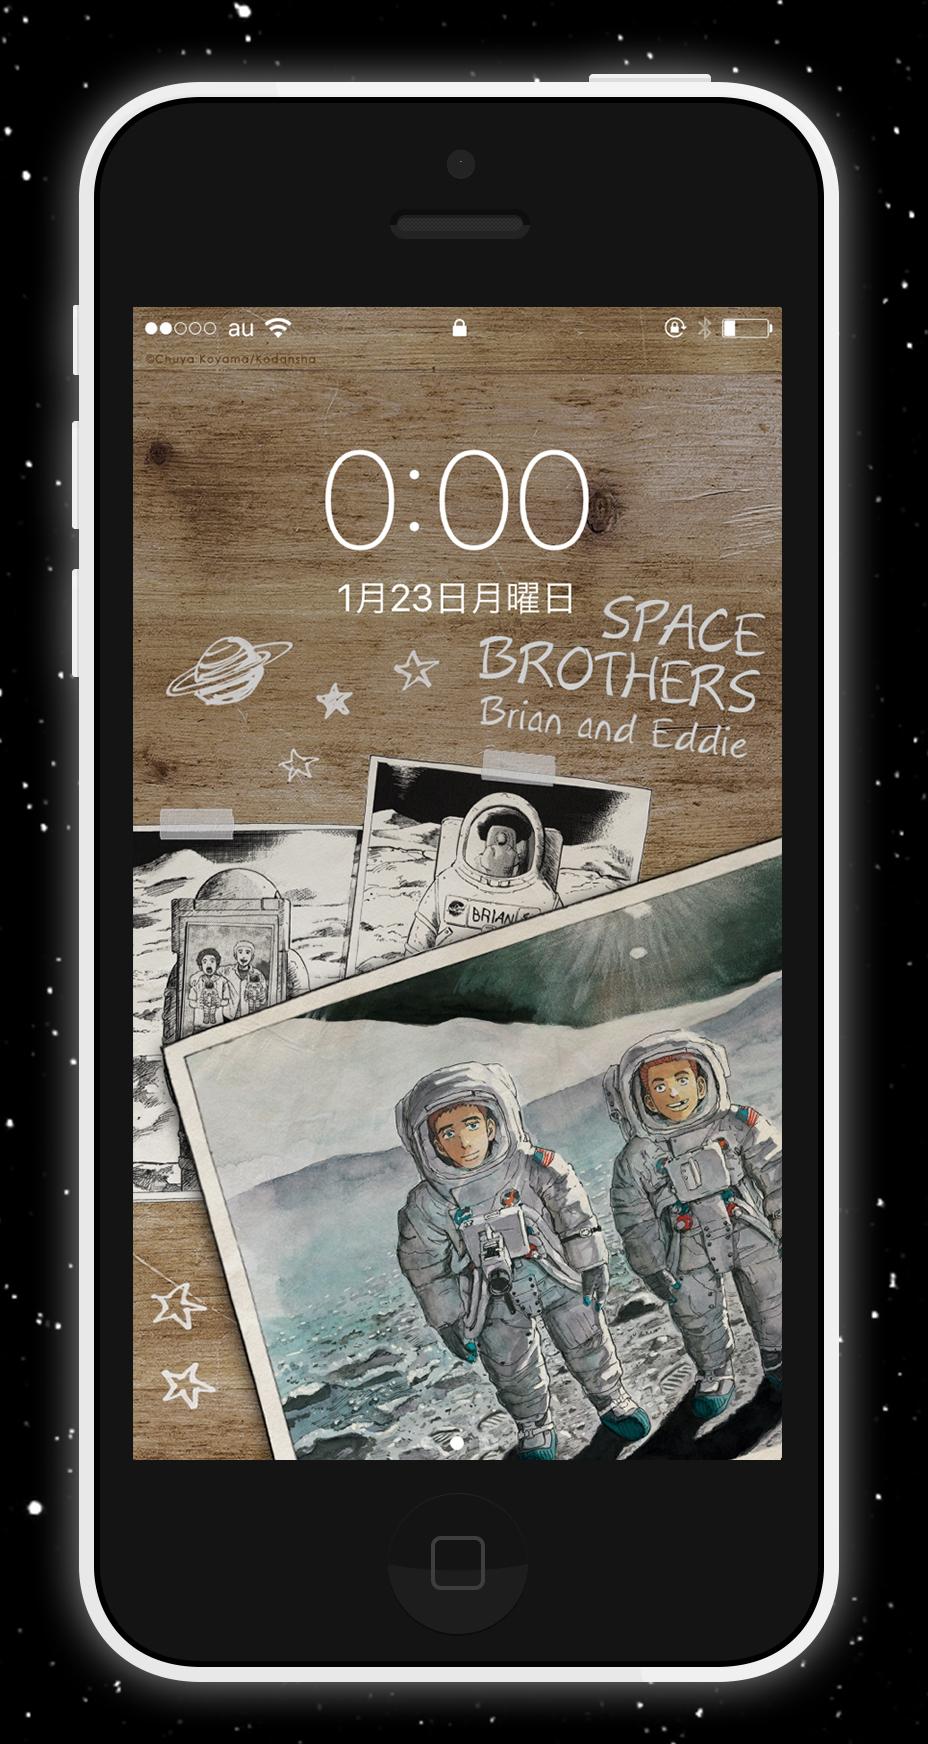 あなたの待ち受けを 宇宙兄弟の世界へ 30巻記念画像プレゼント